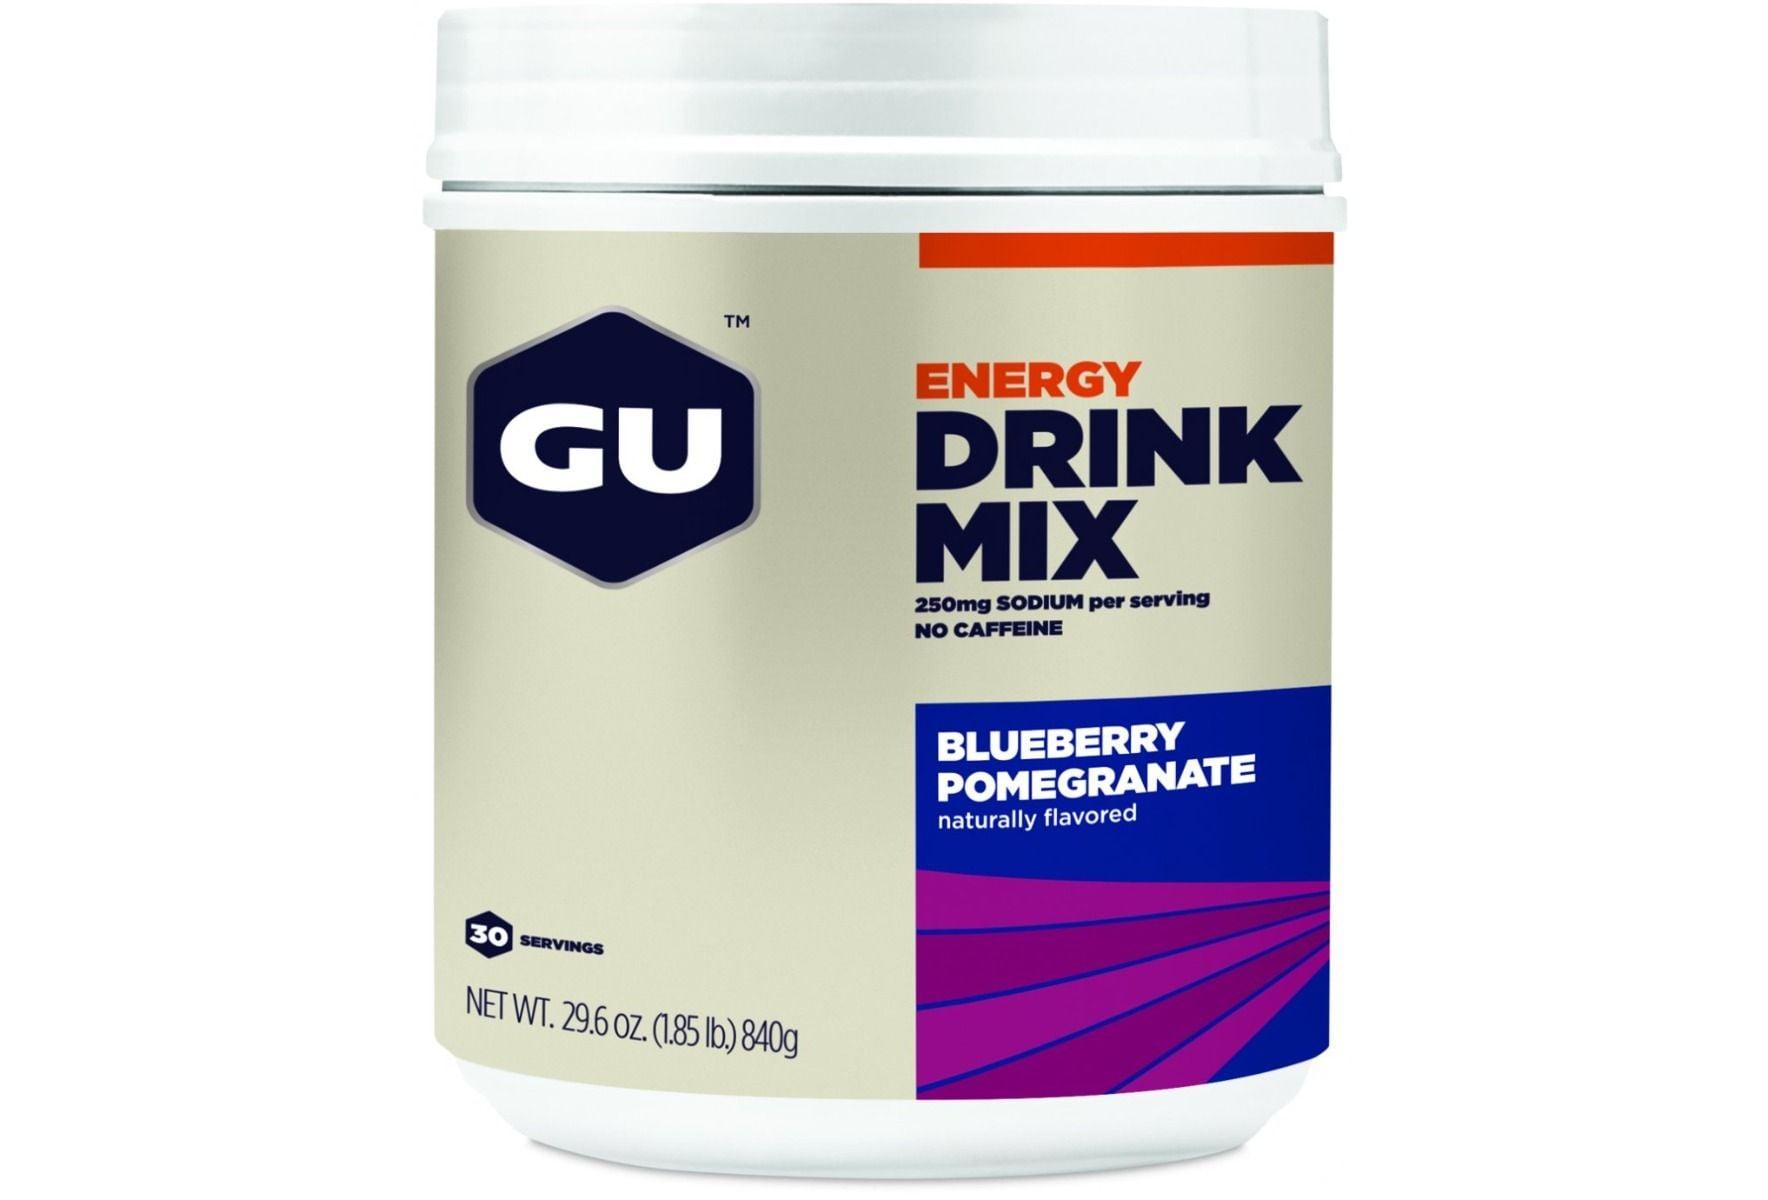 משקה איזוטוני GU אבקה להכנת משקה איזוטוני לצריכה לפני ובמהלך האימון